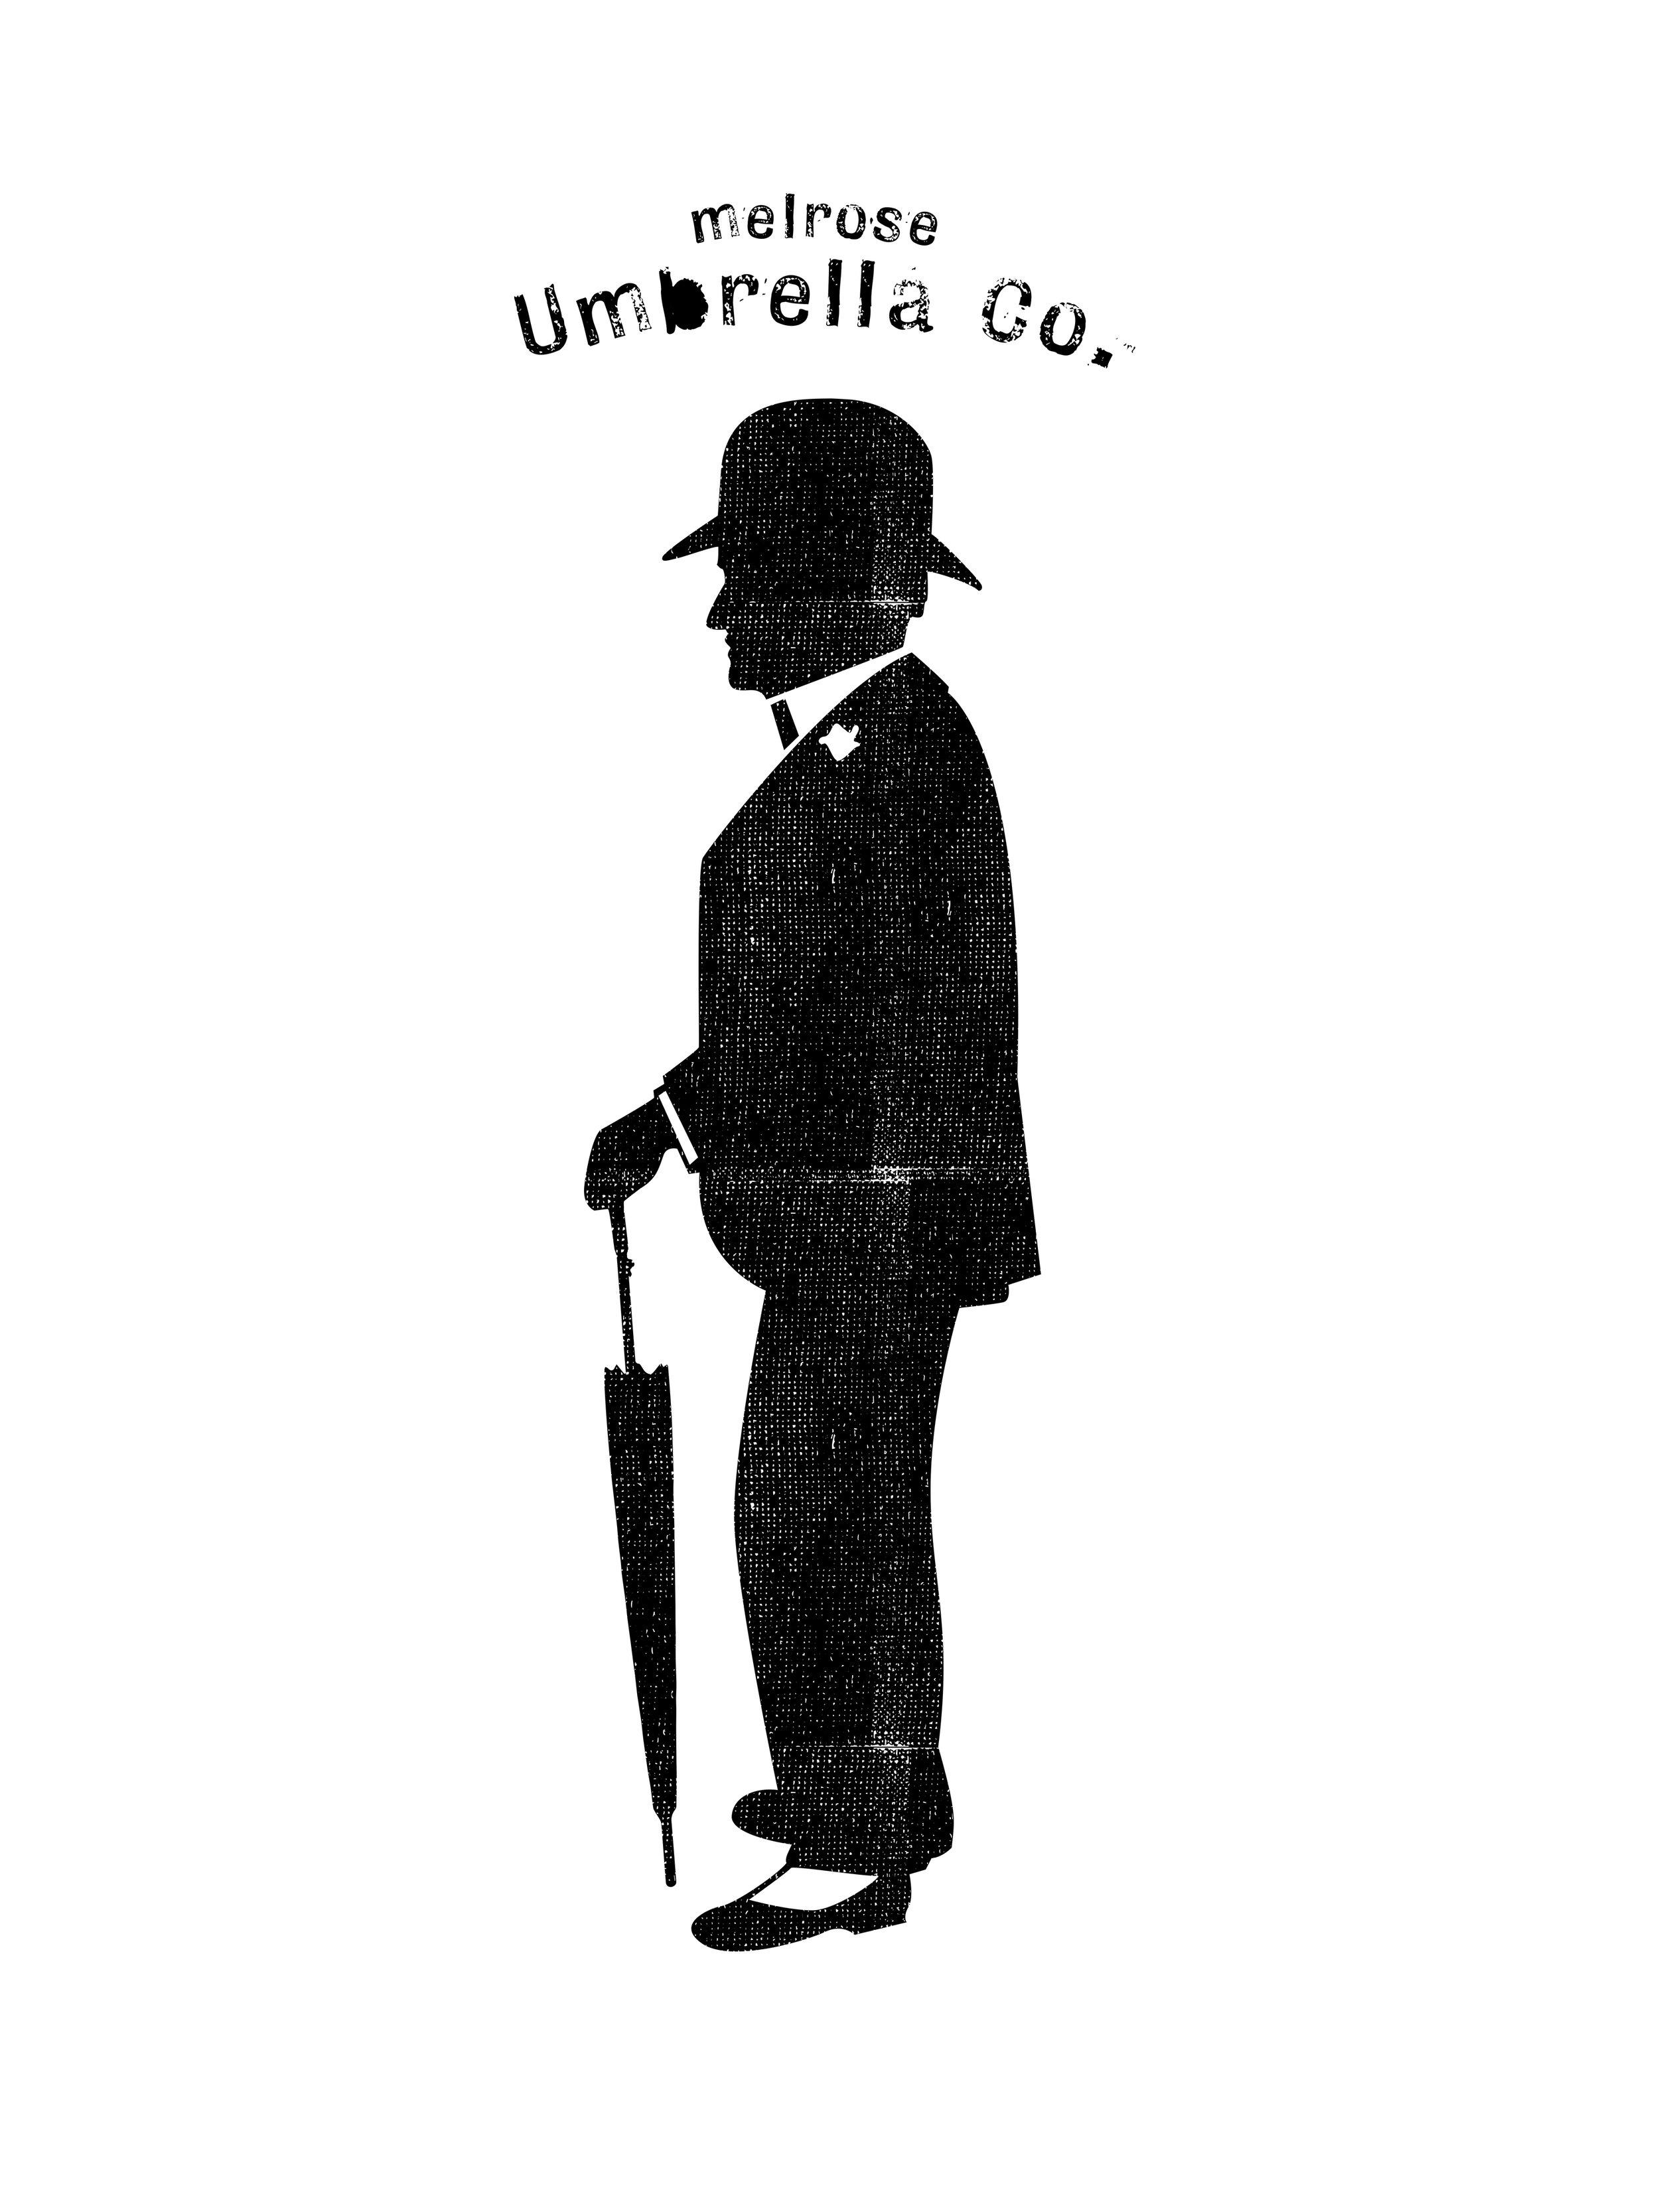 Umbrella_highres.JPG